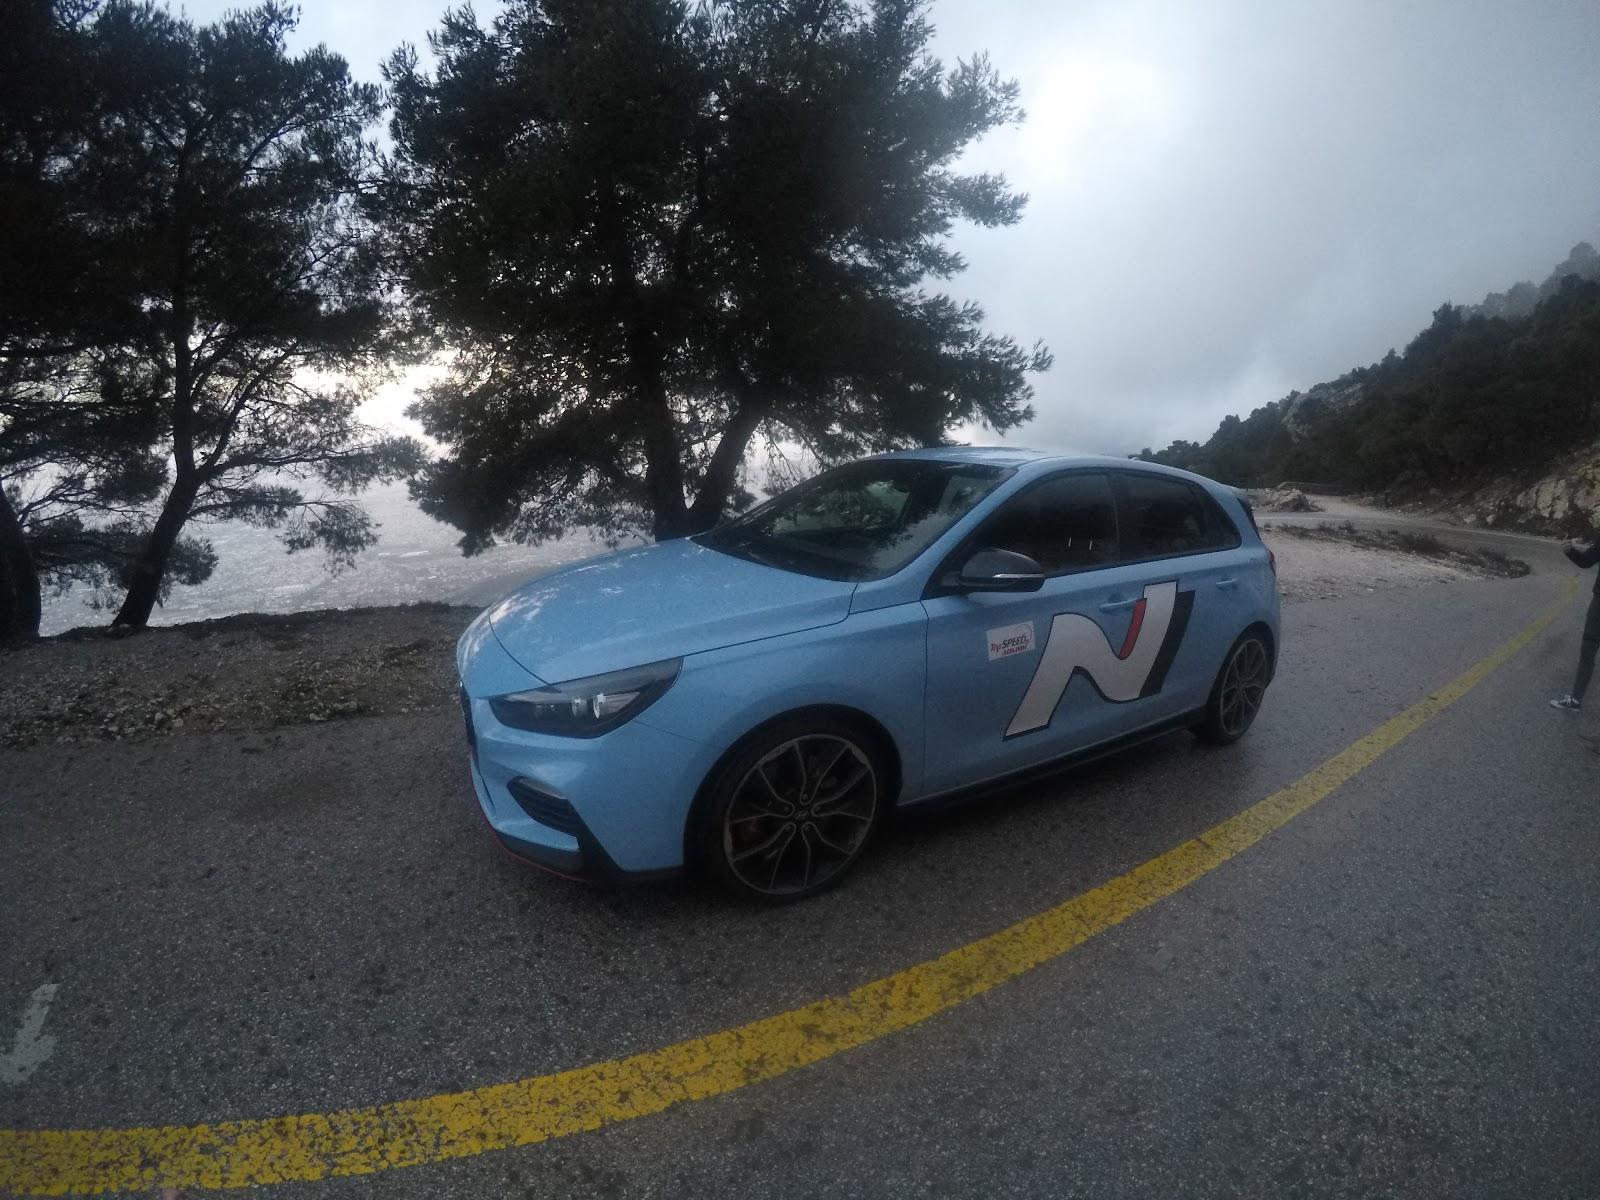 GOPR1133 Πώς είναι να ζείς με ένα Hyundai i30N Hyundai, hyundai i30n, Hyundai Ελλάς, TEST, video, videos, zblog, ΔΟΚΙΜΕΣ